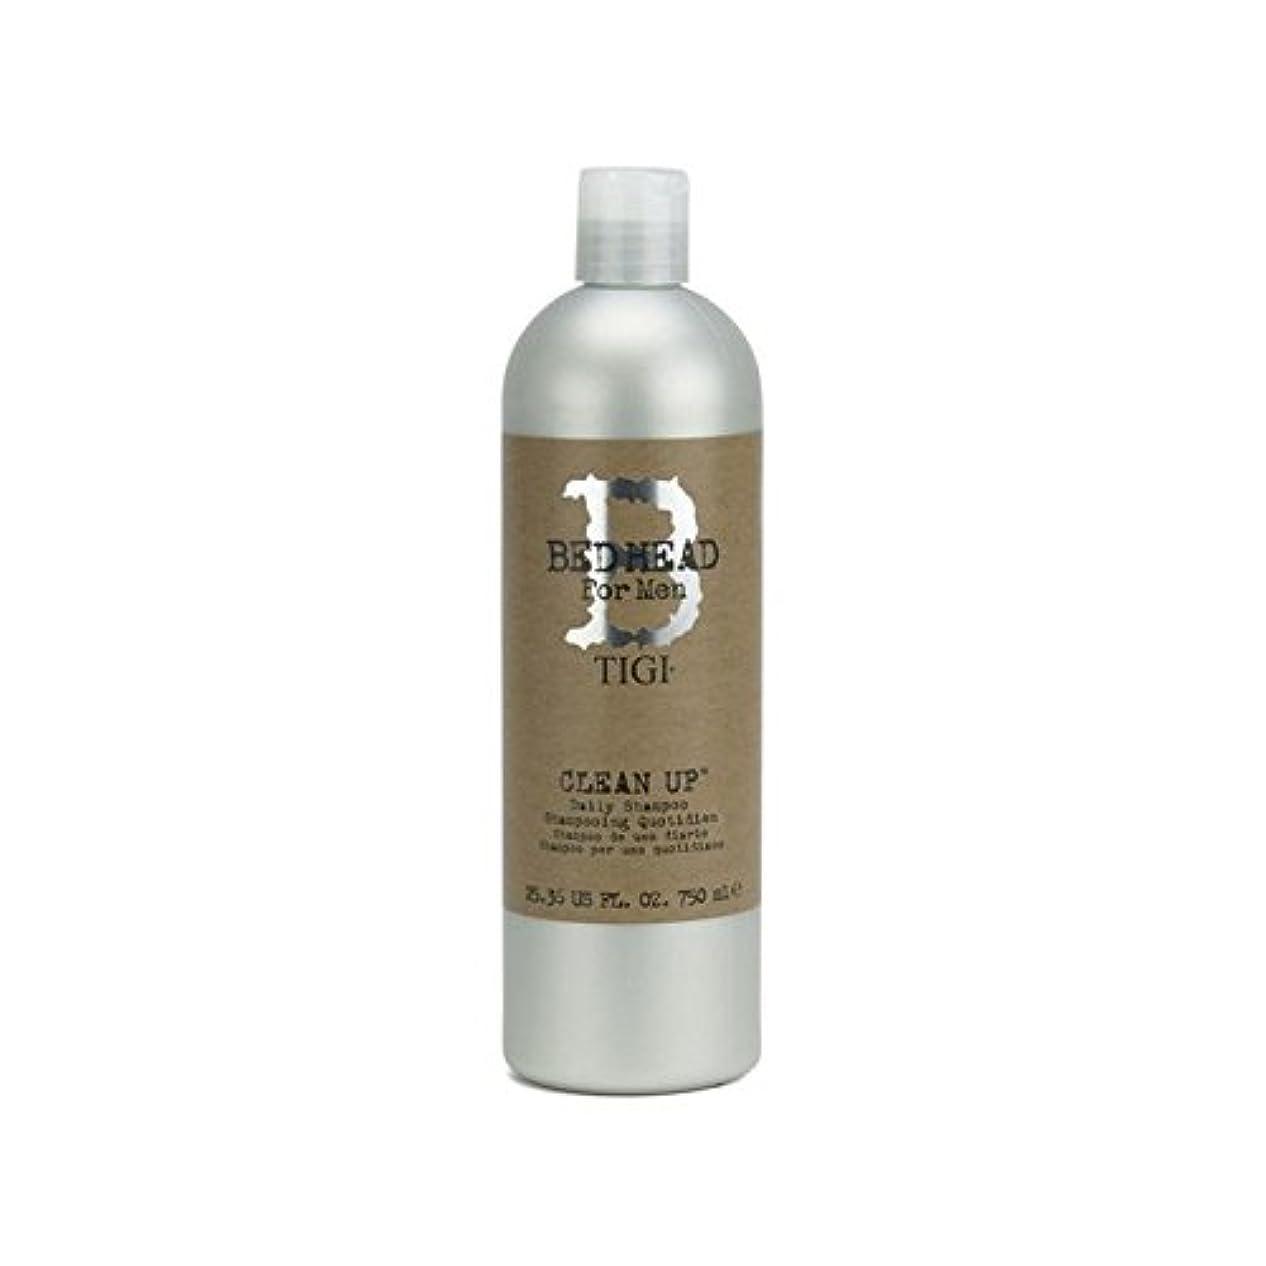 高架ヘビーパステル毎日シャンプーをクリーンアップする男性のためのティジーベッドヘッド(750ミリリットル) x4 - Tigi Bed Head For Men Clean Up Daily Shampoo (750ml) (Pack of 4) [並行輸入品]